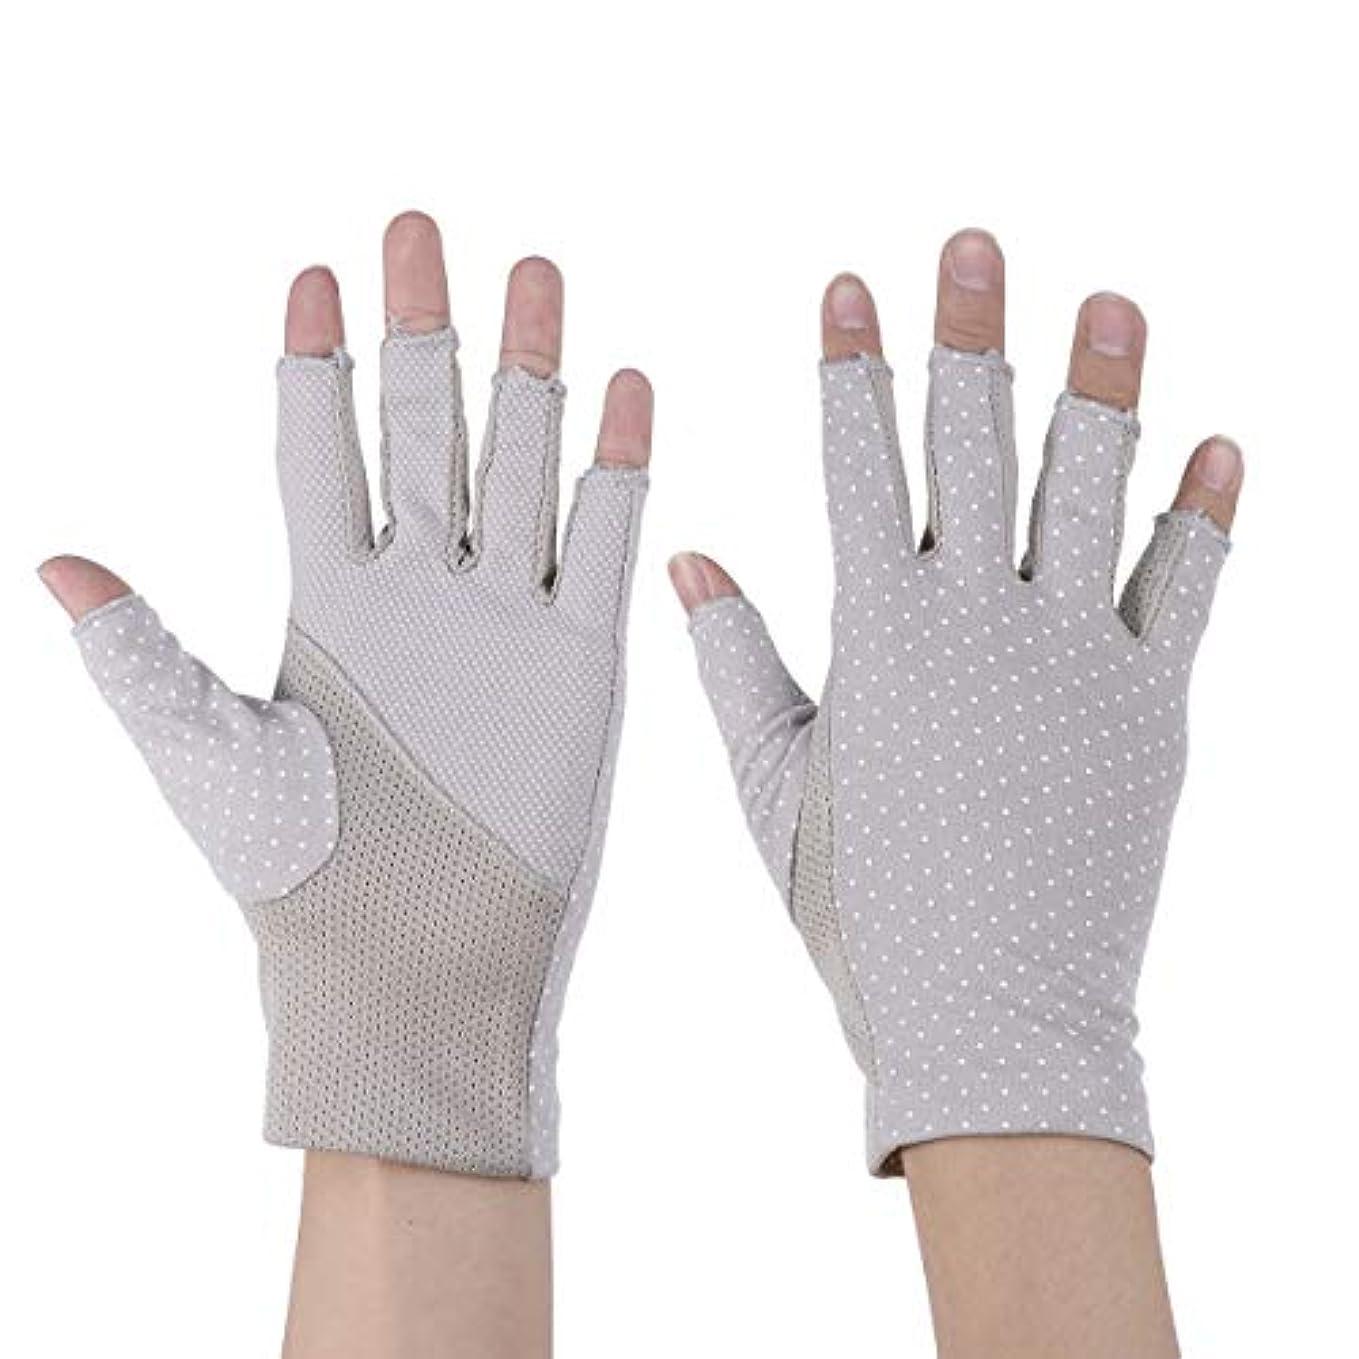 慢筋自慢Healifty 1ペア日焼け止め手袋ワークアウトミトンハーフフィンガー紫外線保護手袋用サイクリンググレー